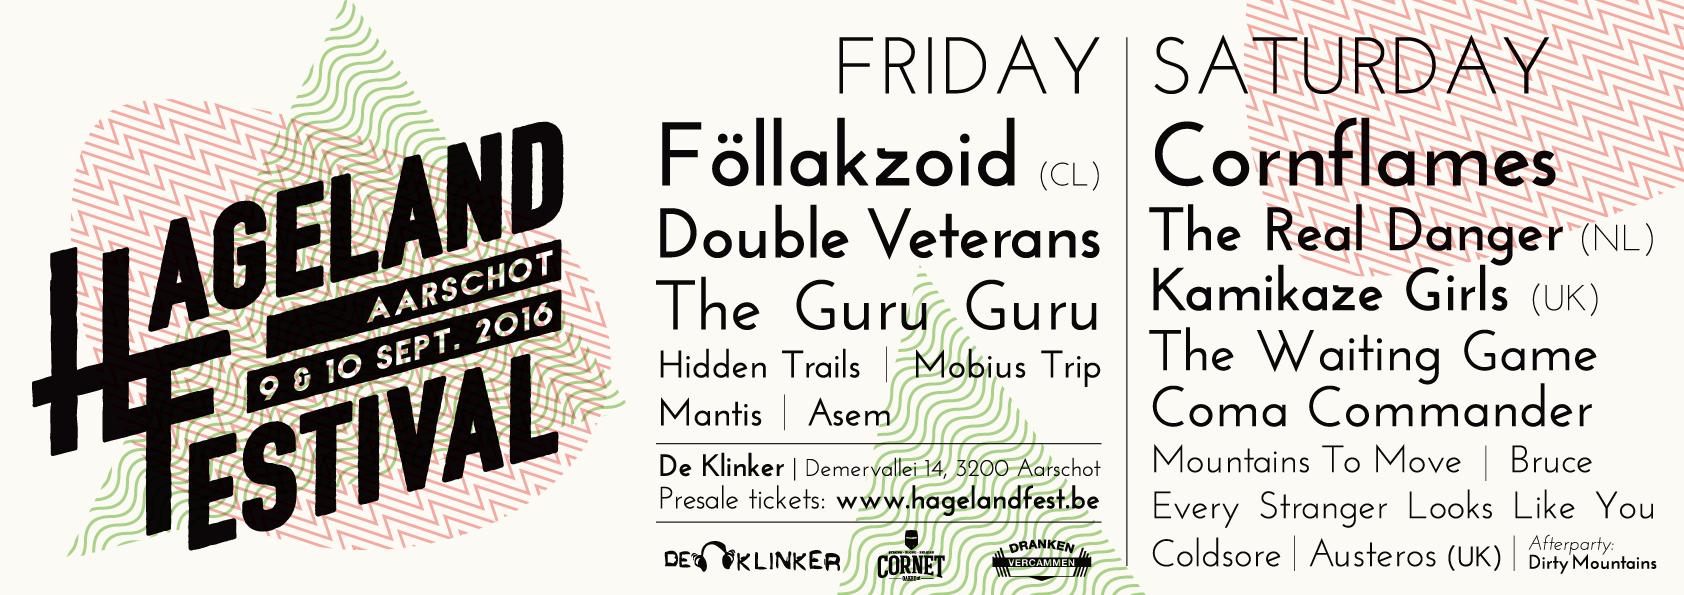 hageland-festival-2016-affiche-ontwerp